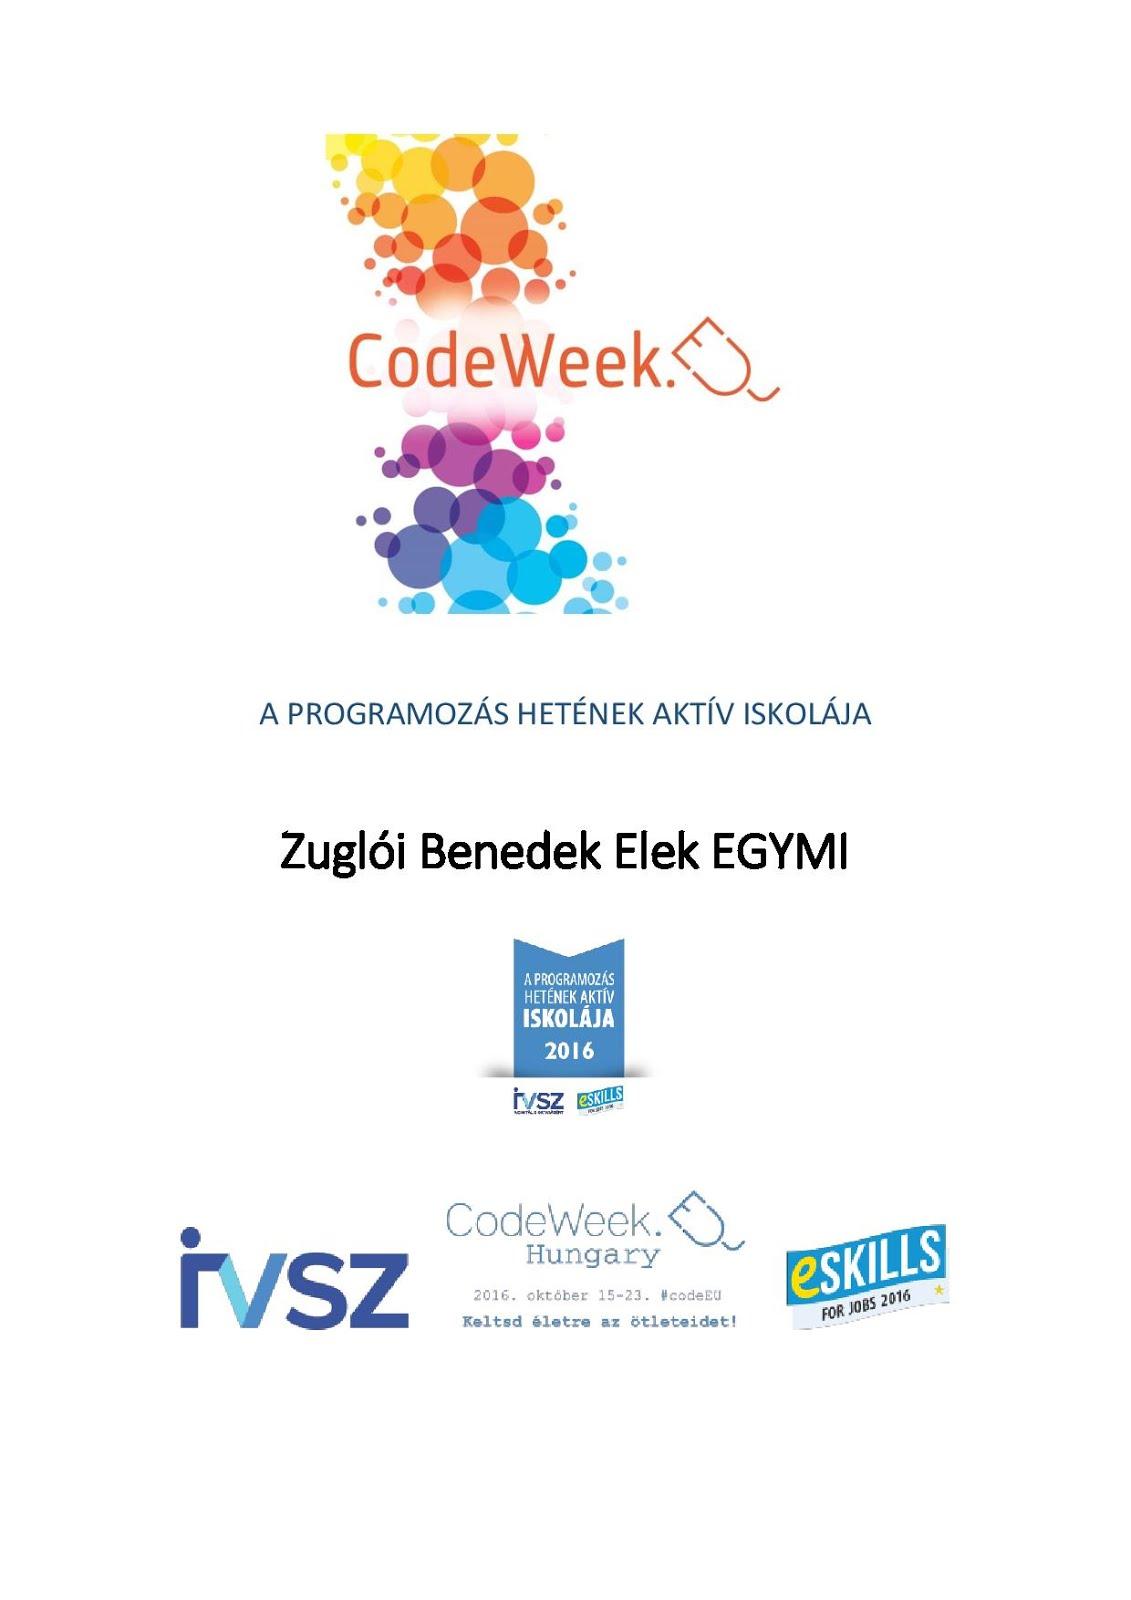 Európai Kódolás Hete 2016.